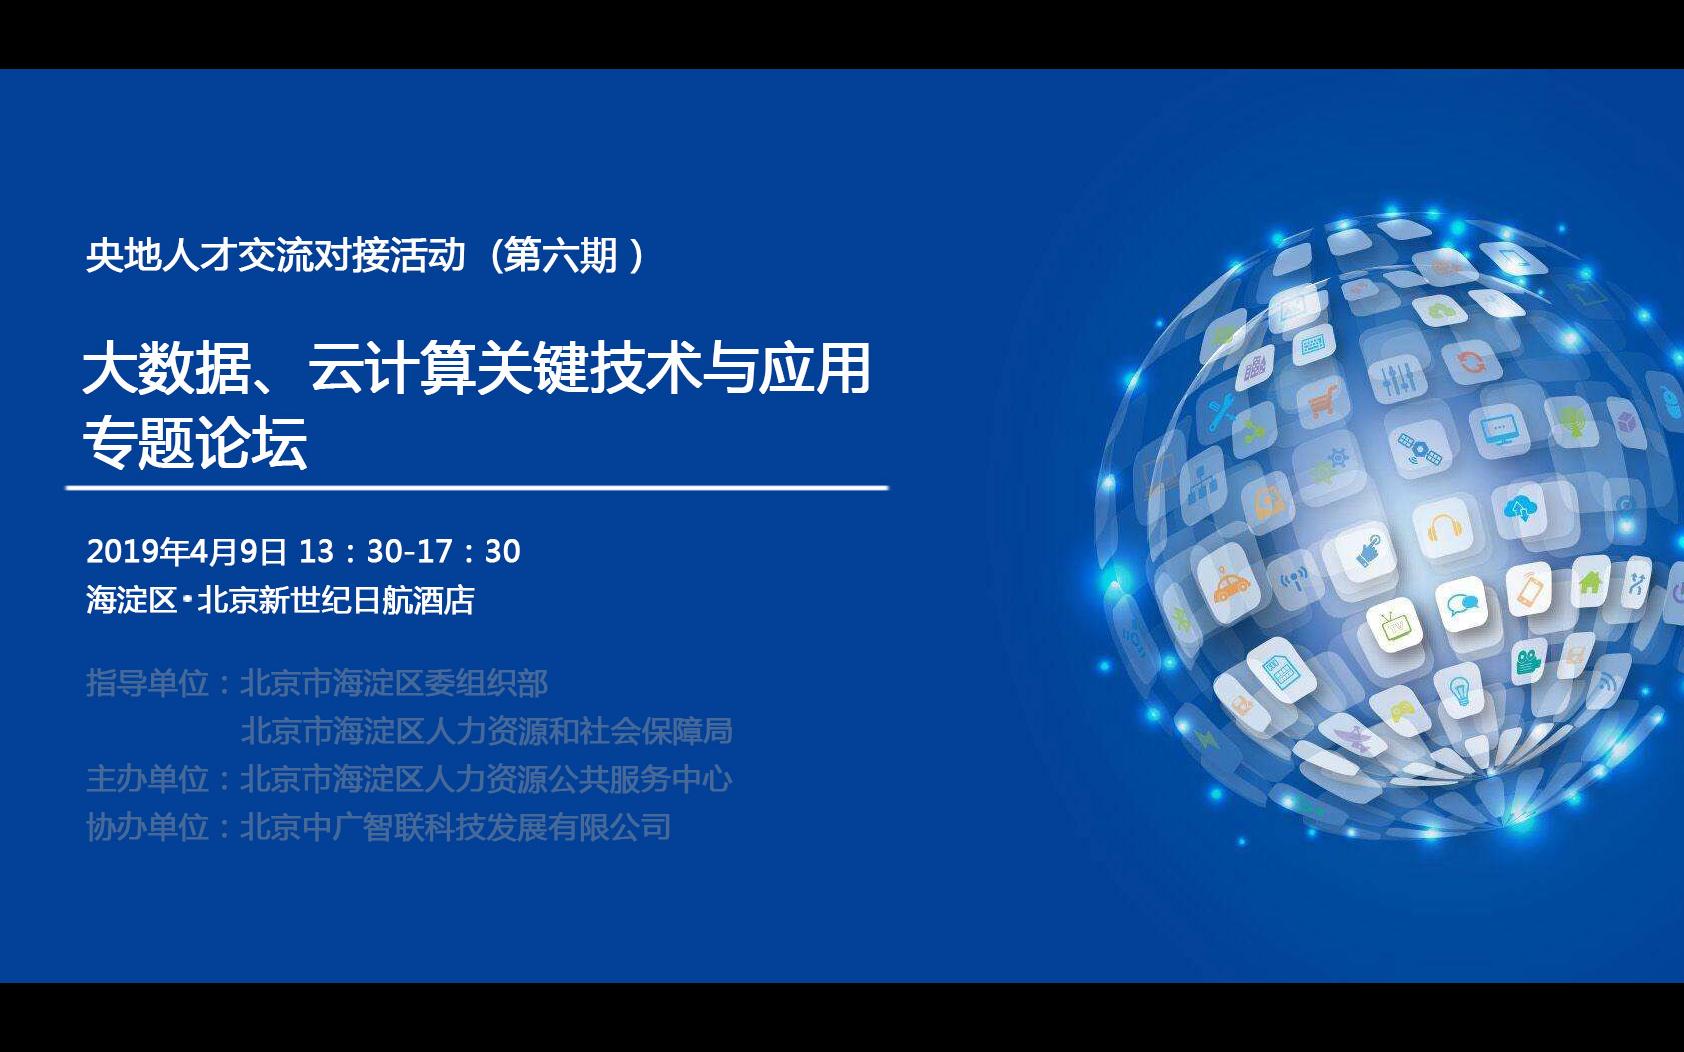 2019大数据、云计算关键技术与应用专题论坛(北京)